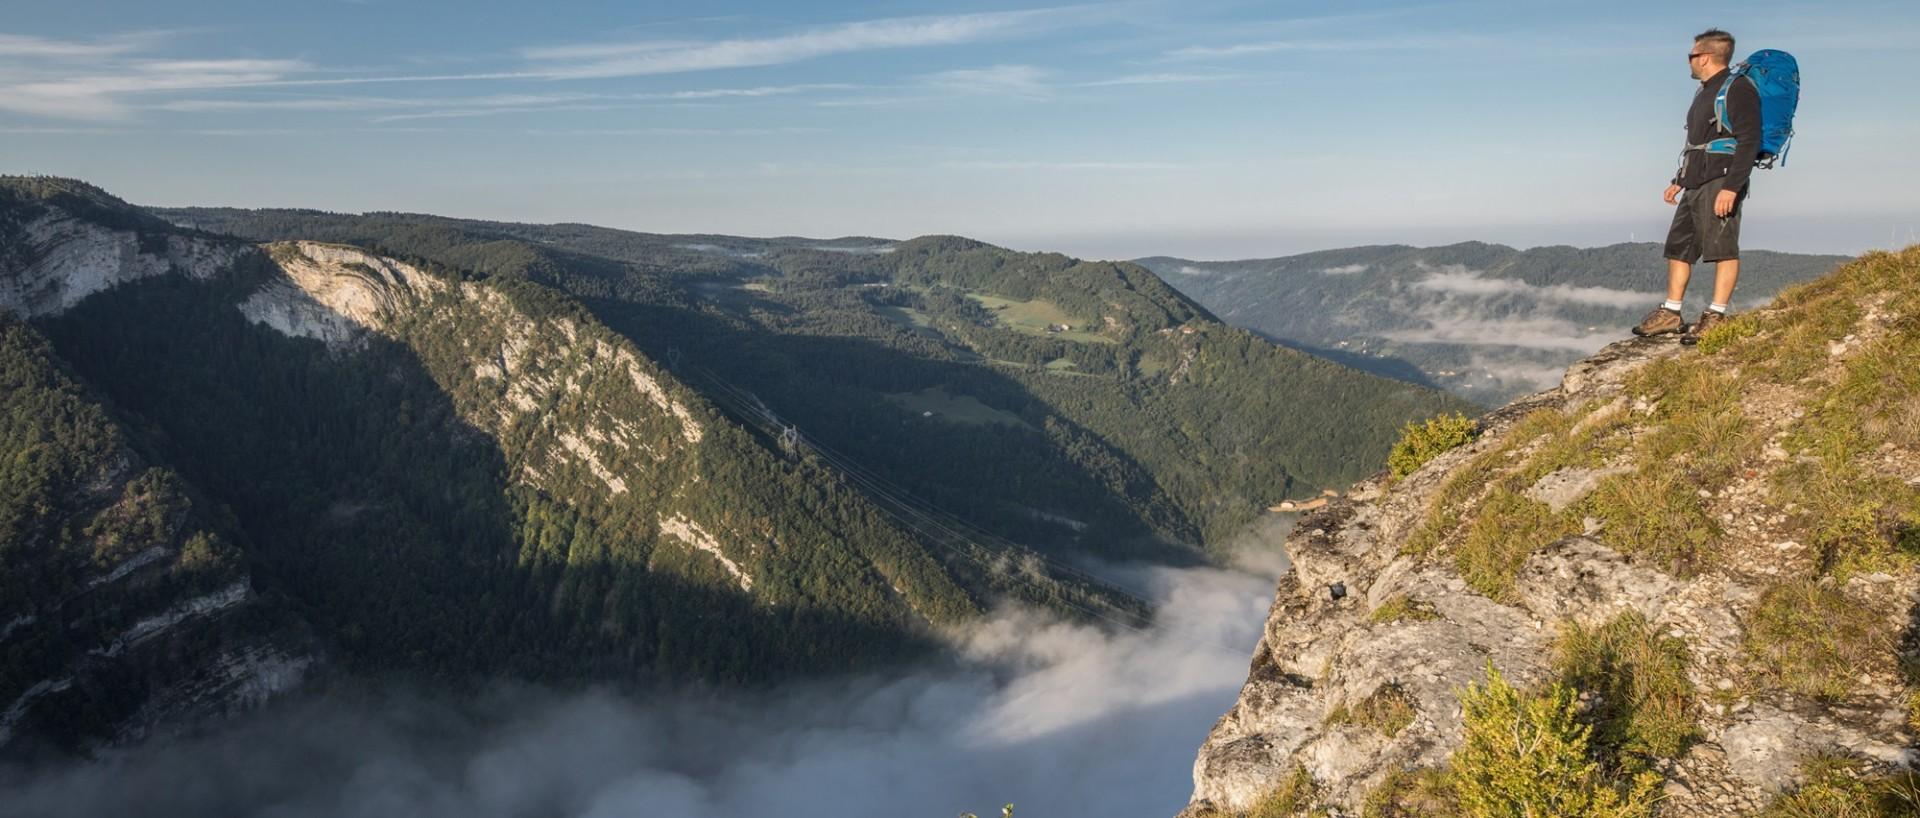 randonnee-septmoncel-nicolas-gascard-jura-tourisme